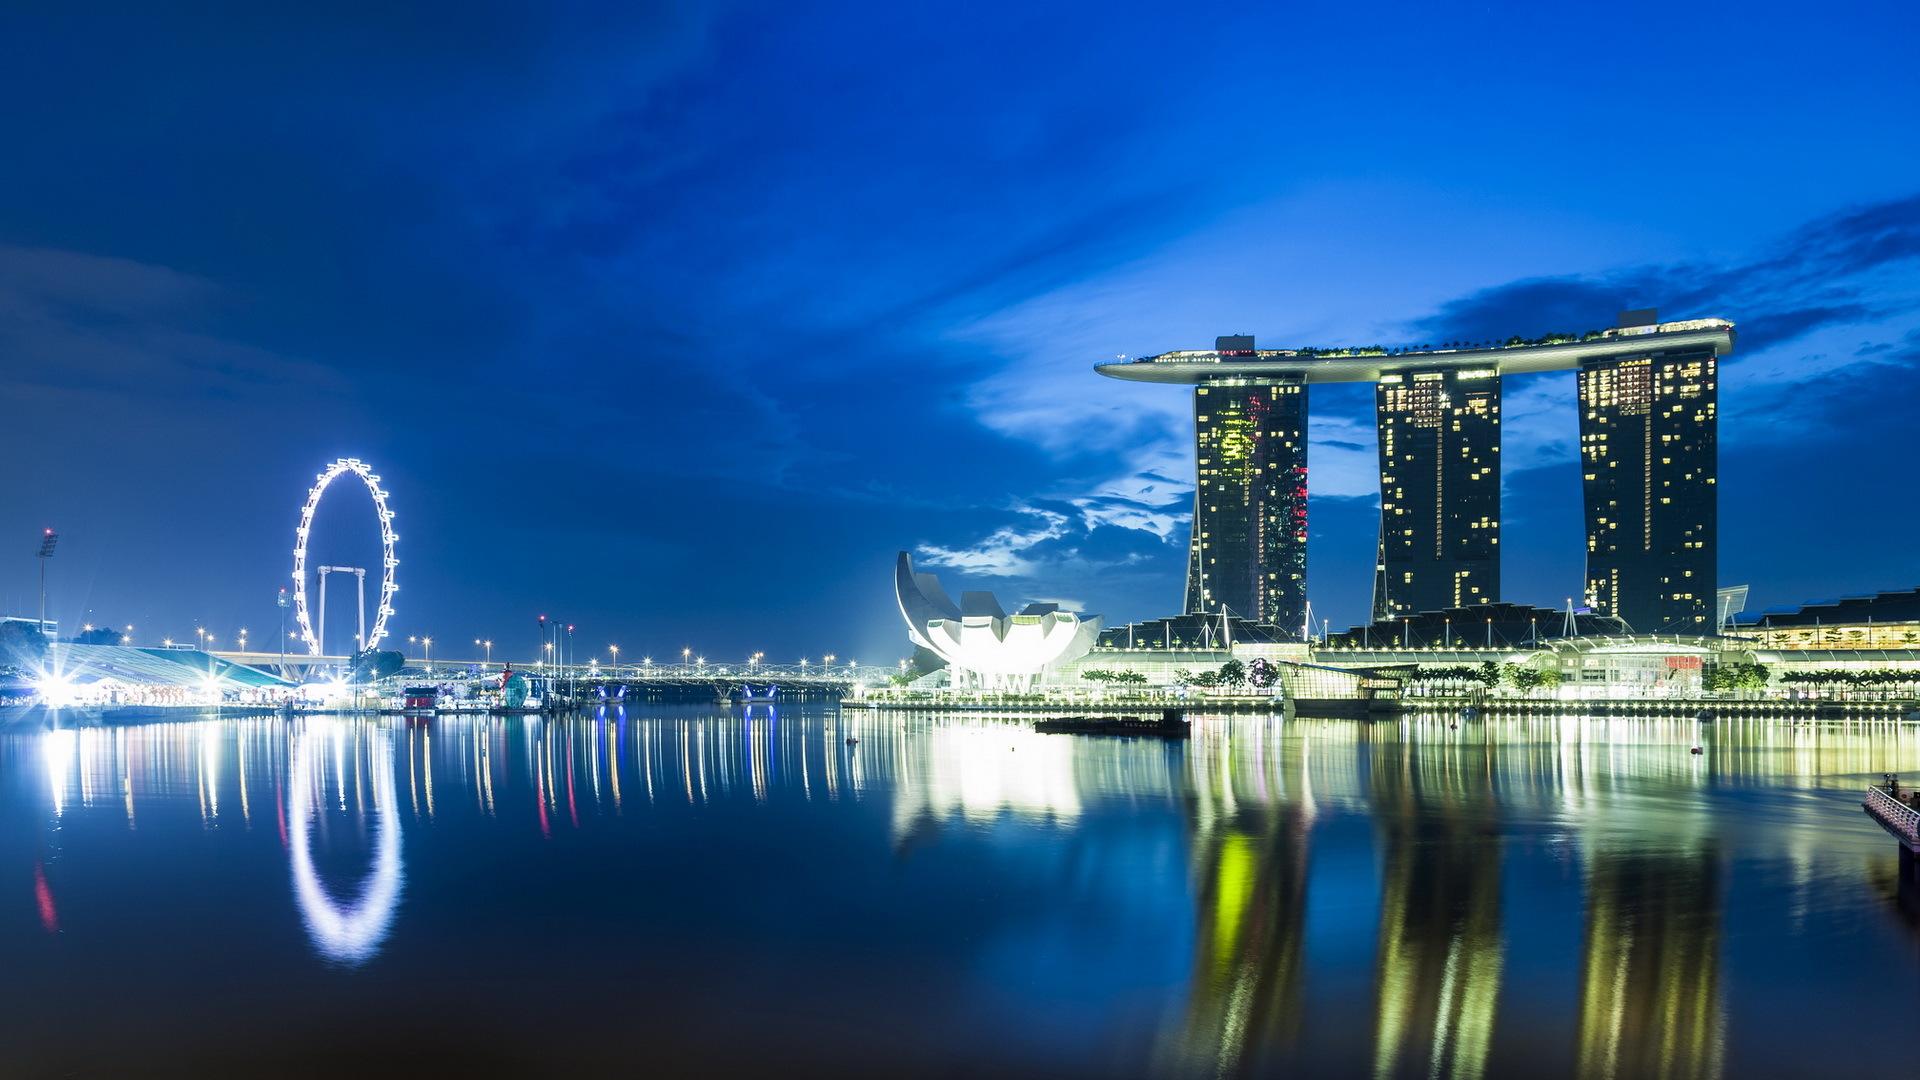 """Khám phá 5 khu phố """"mới nổi"""" ở Singapore"""